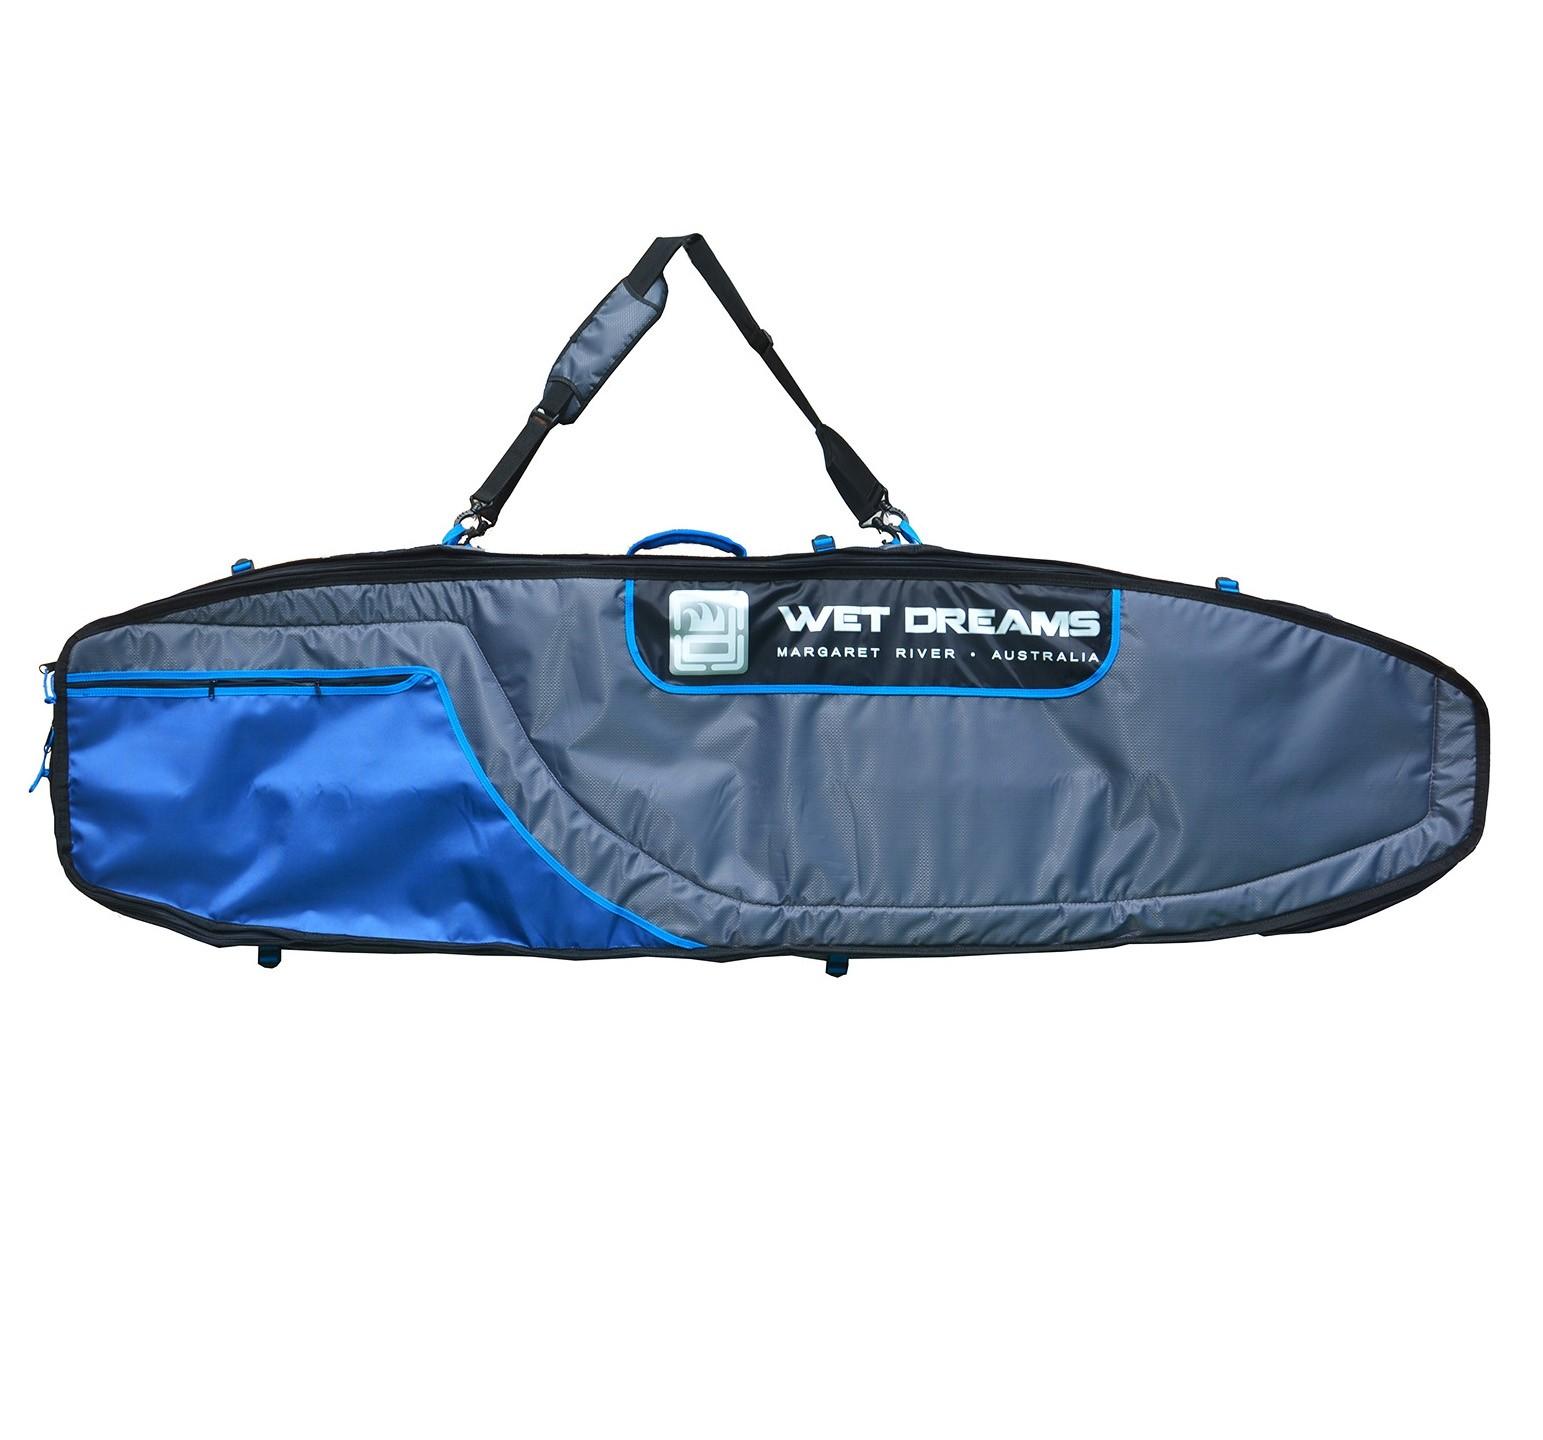 Sarcófago para 5 pranchas de Surf 6'0'' - 1,82m - Wet Dreams | Prancharia